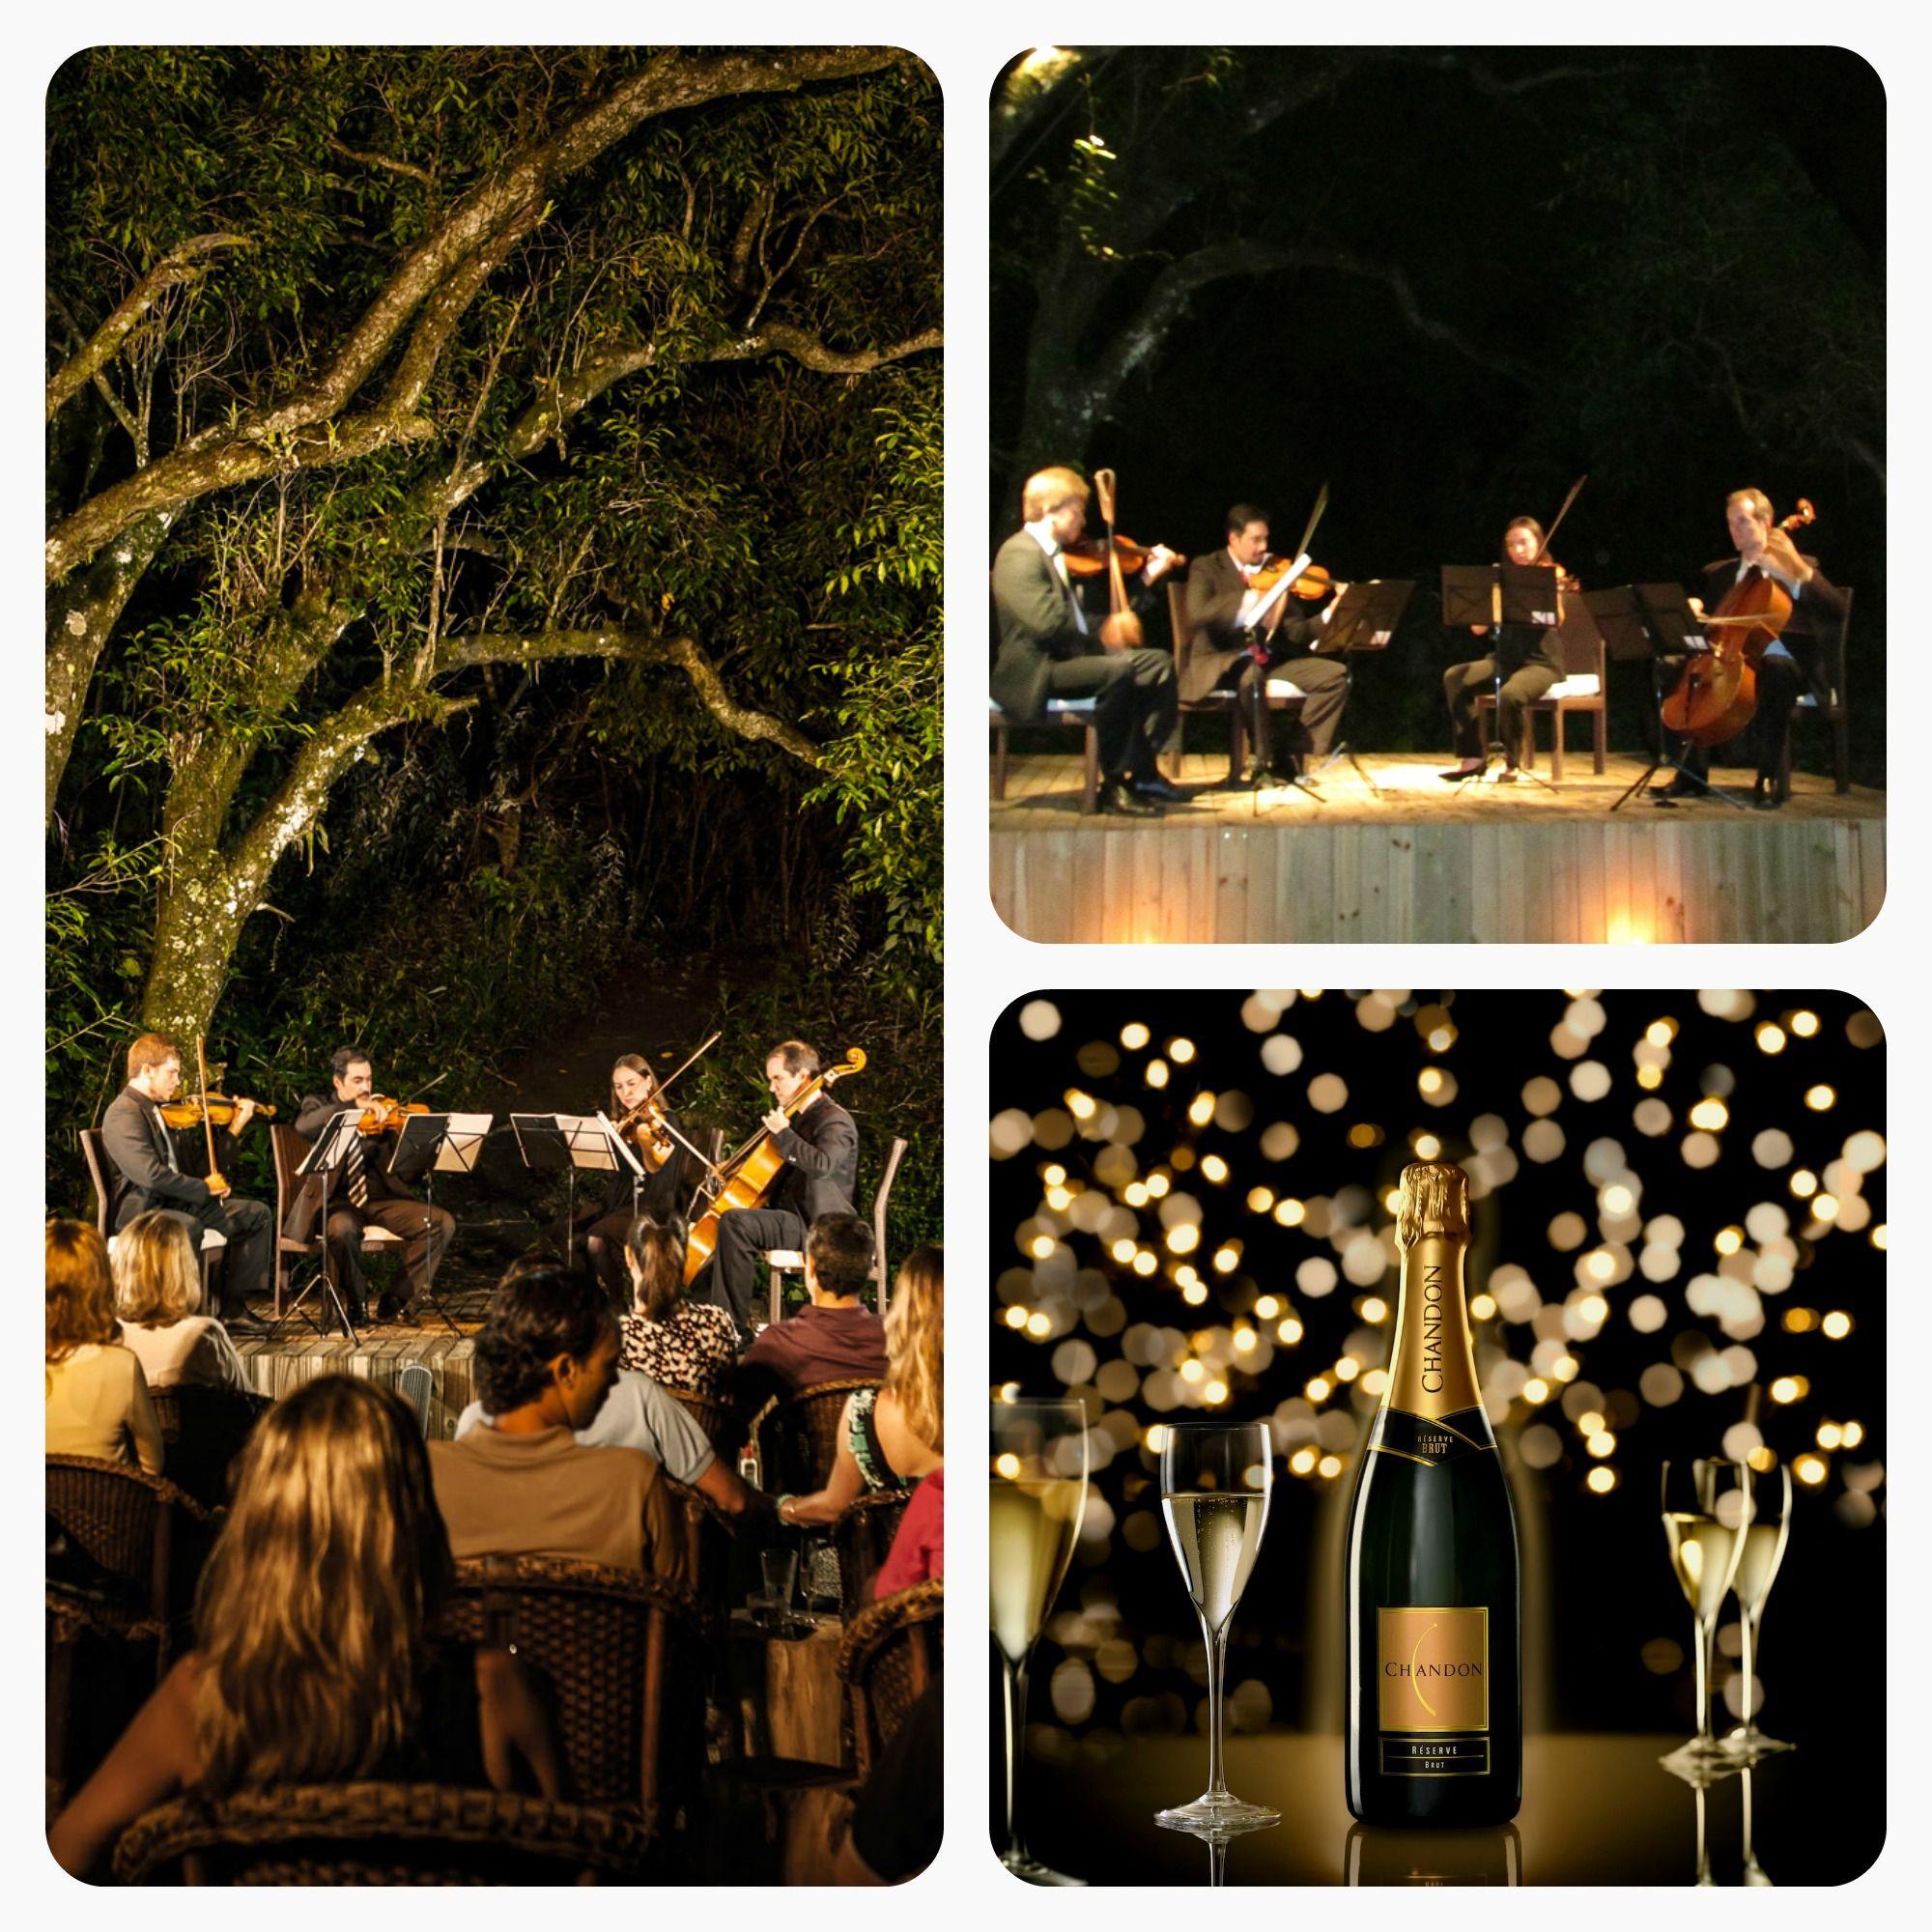 Concertos na Natureza , Verão 2014 - Ponta dos Ganchos | Santa Catarina